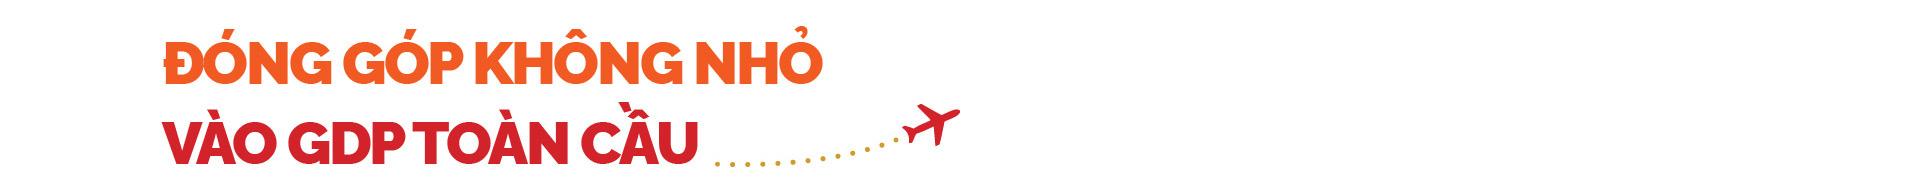 Hàng không, động lực phát triển kinh tế đất nước - Ảnh 5.